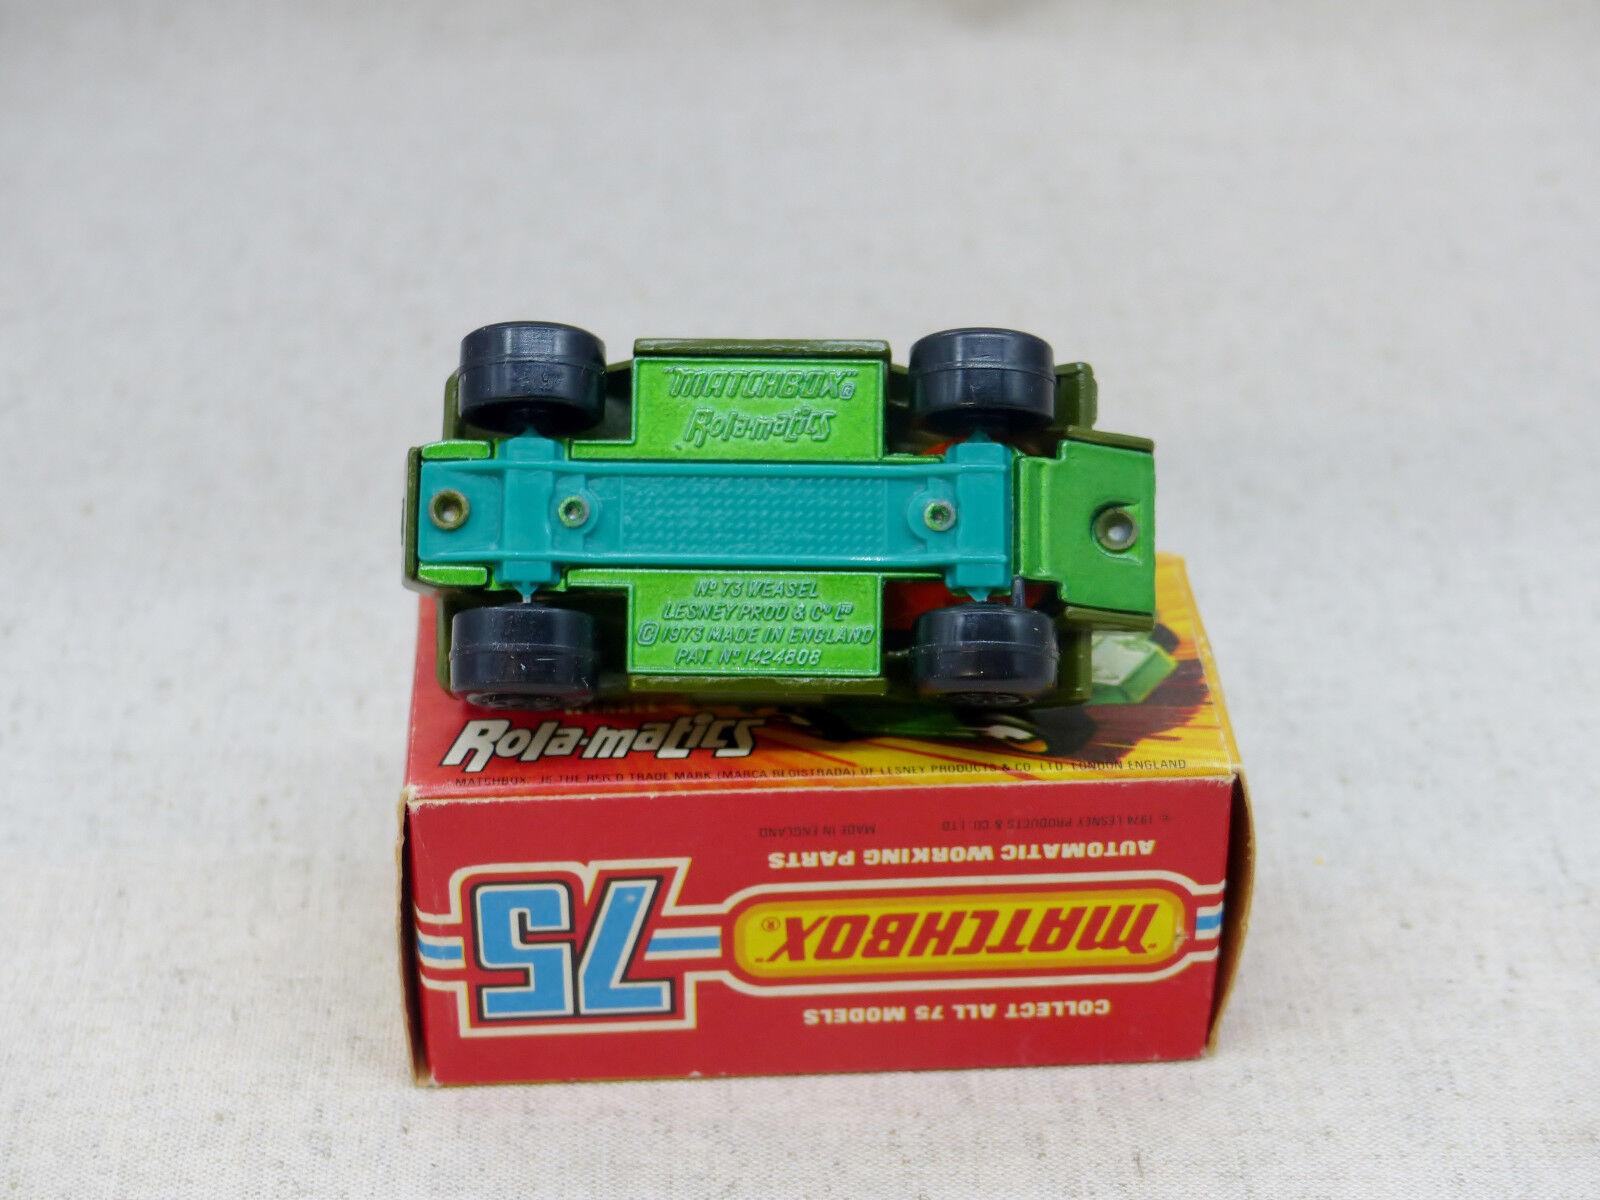 Matchbox Superfast  73 véhicule blindé militaire Weasel rare Near Mint boxed  à vendre